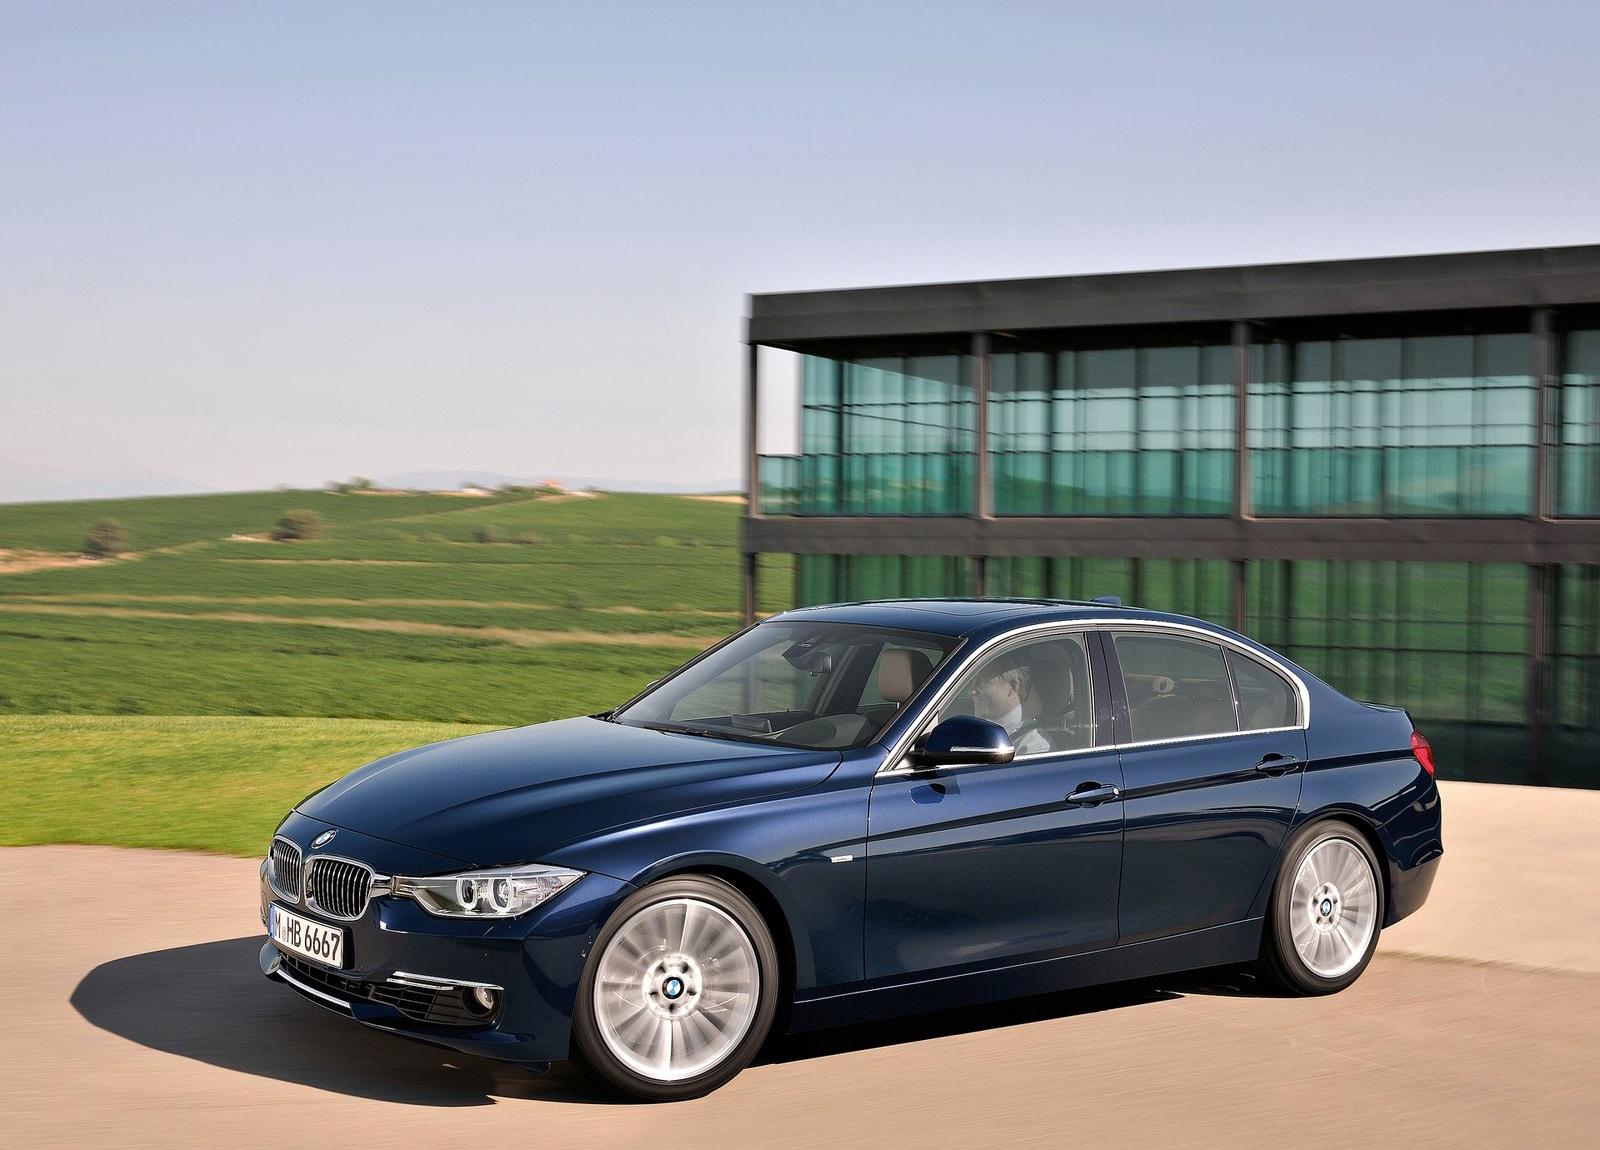 http://3.bp.blogspot.com/-9mvyvZkT9SY/UCp0UQOXO0I/AAAAAAAAHFg/tPLtKc7UBXA/s1600/BMW-3-Series_2012_1600x1200_wallpaper_10.jpg